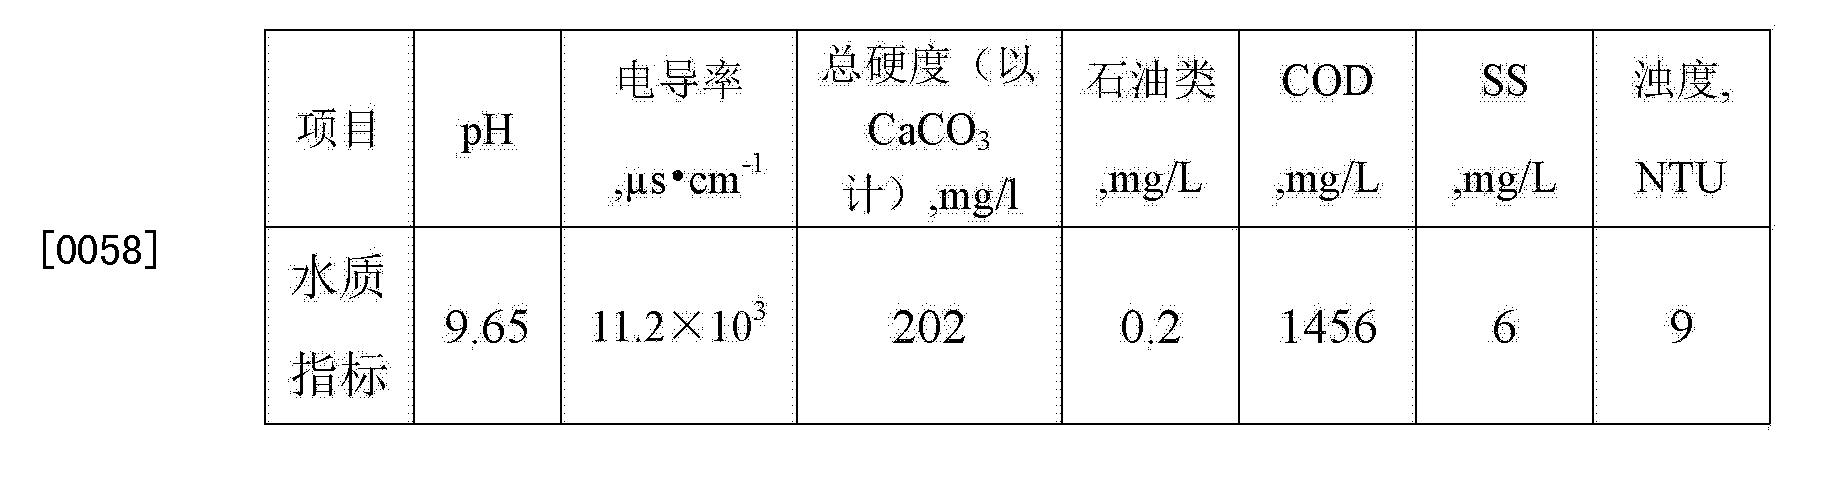 Figure CN103803752BD00072